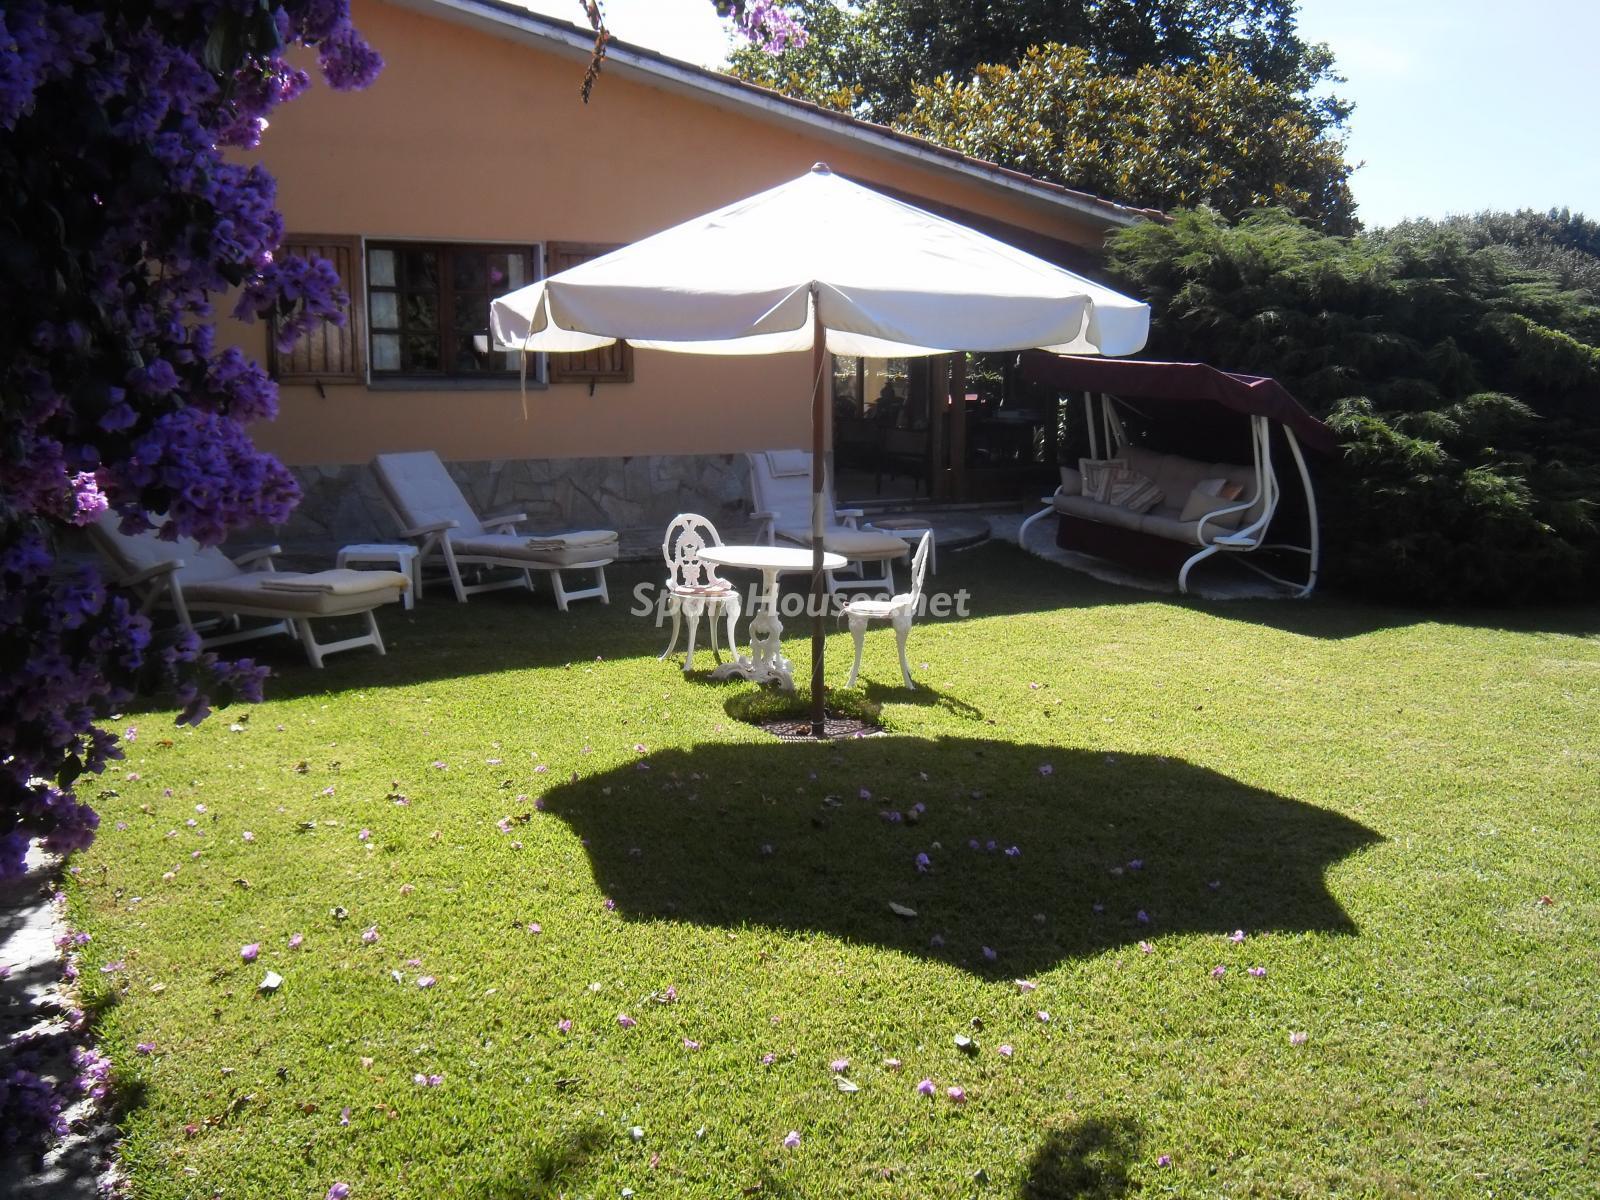 Foto 43 - Chalet independiente en venta en Oleiros, Ref: 1825929